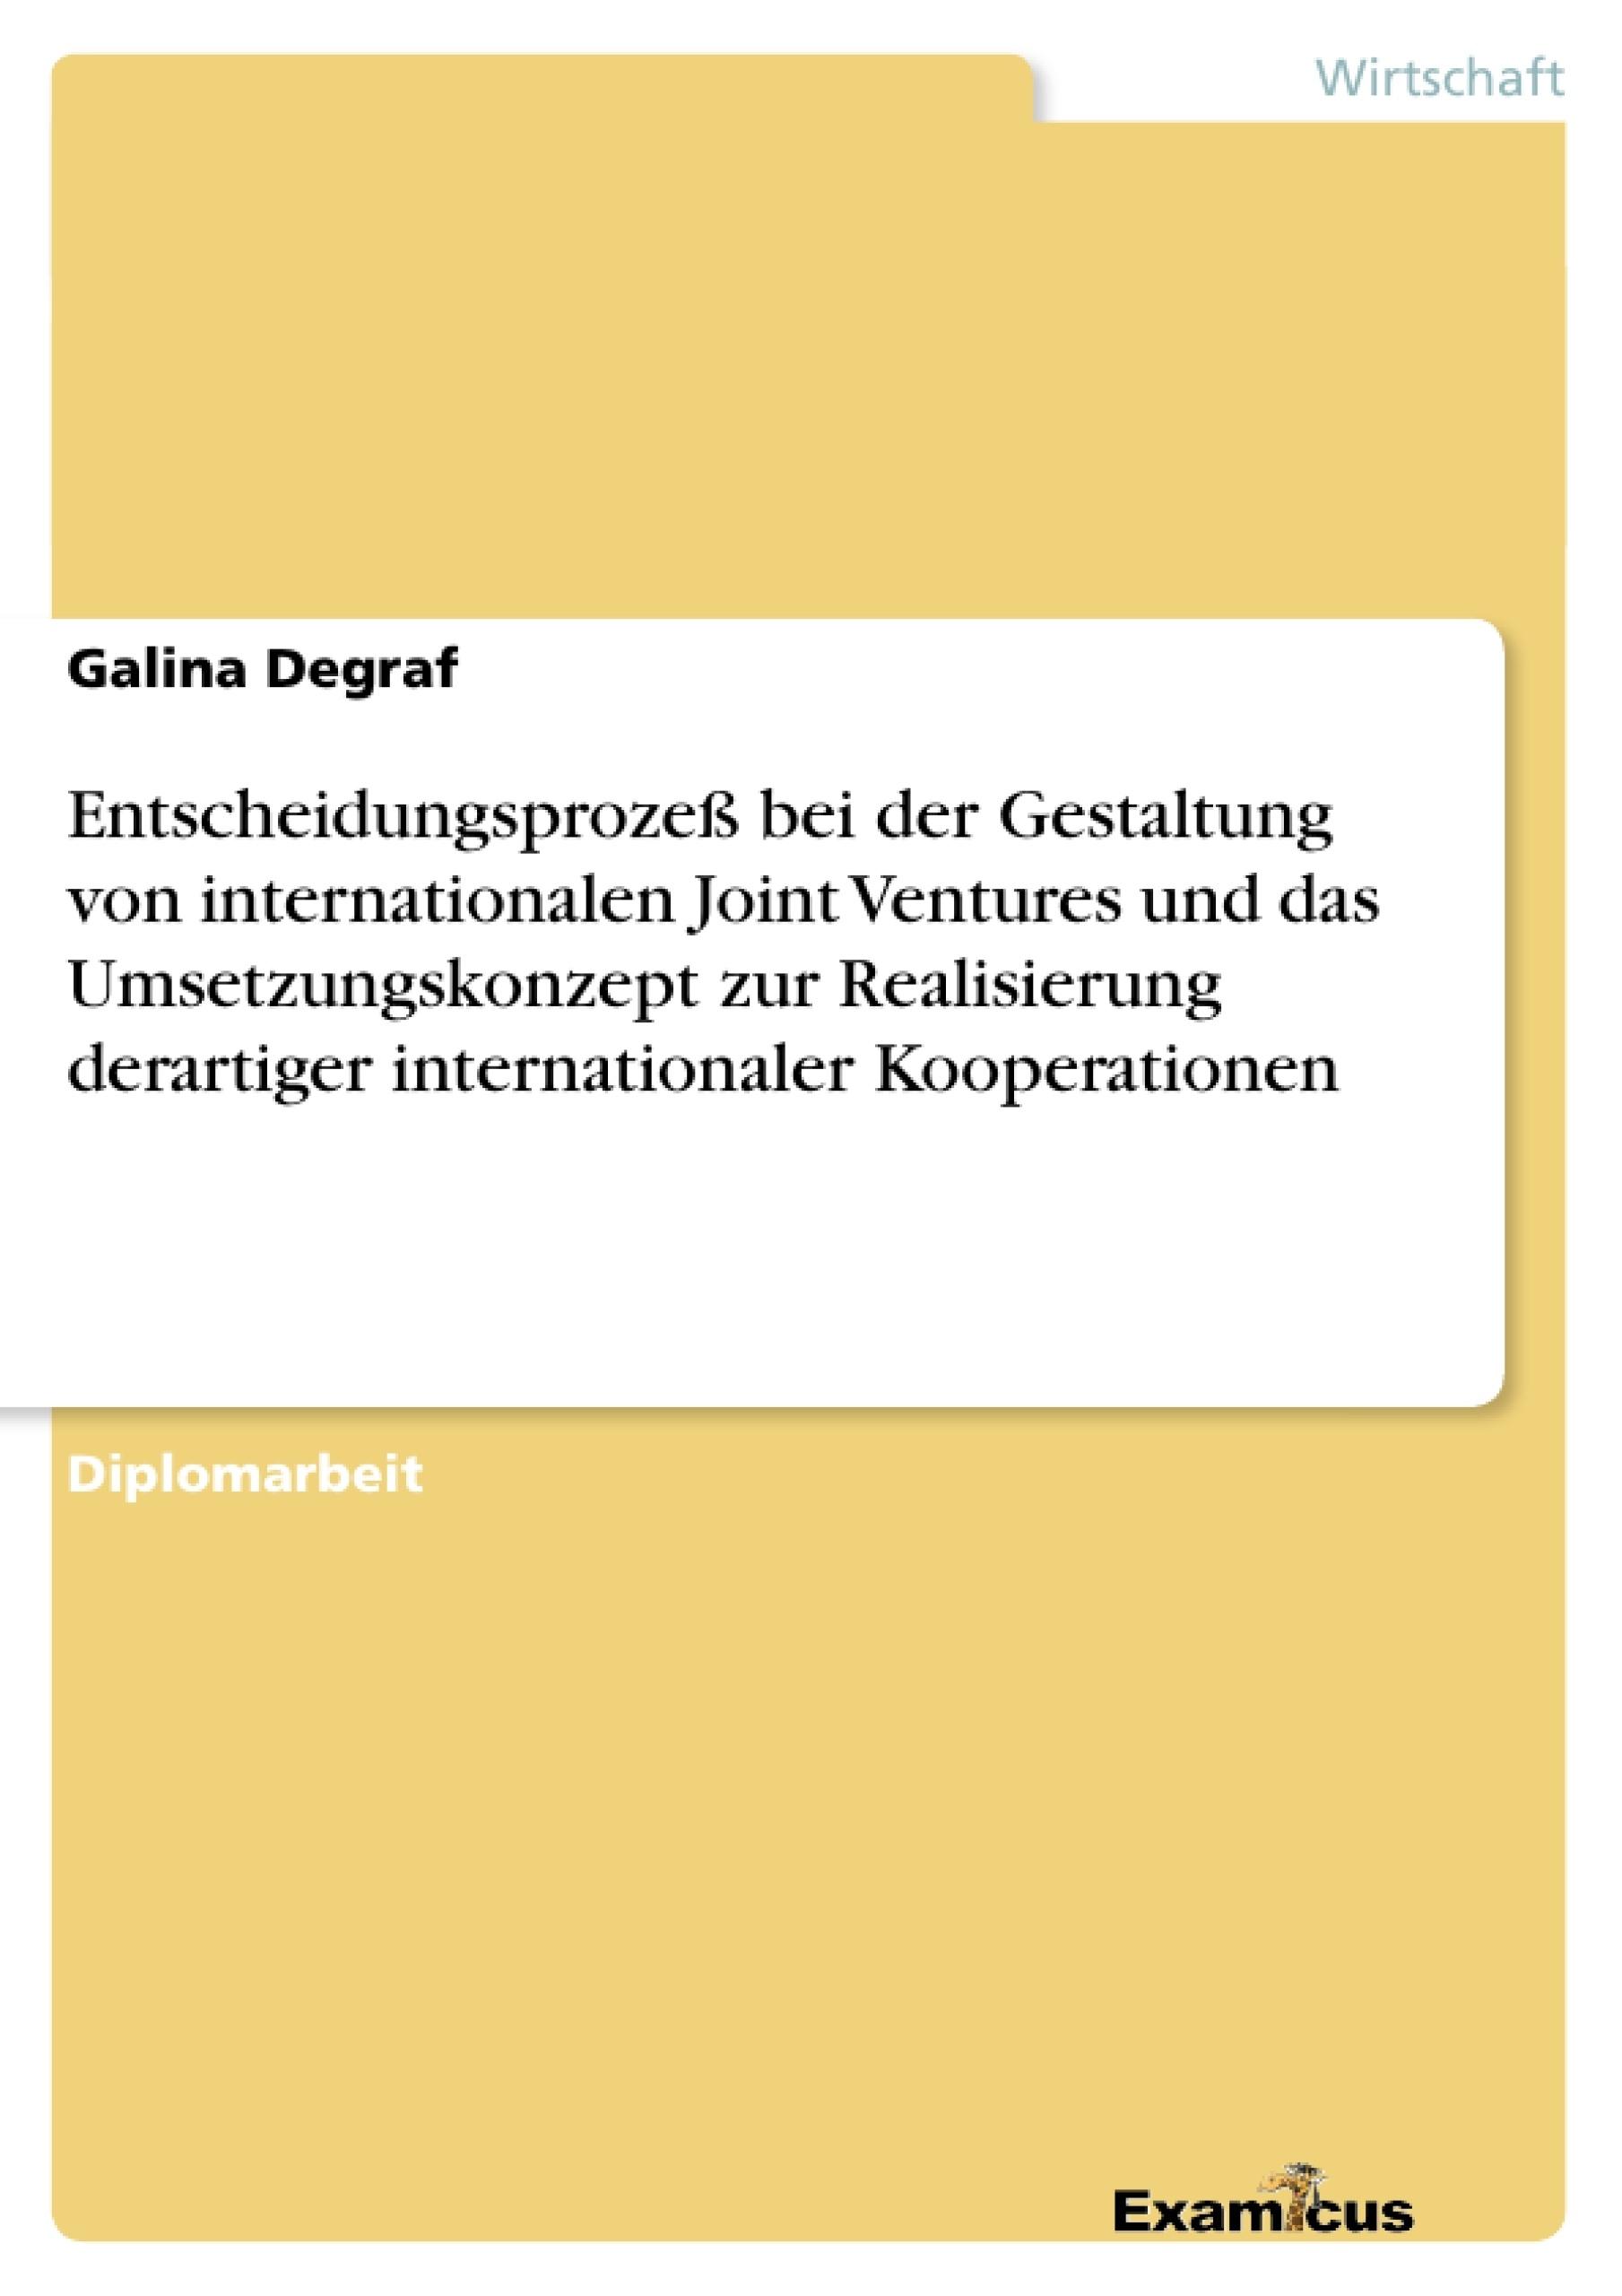 Titel: Entscheidungsprozeß bei der Gestaltung von internationalen Joint Ventures und das Umsetzungskonzept zur Realisierung derartiger internationaler Kooperationen